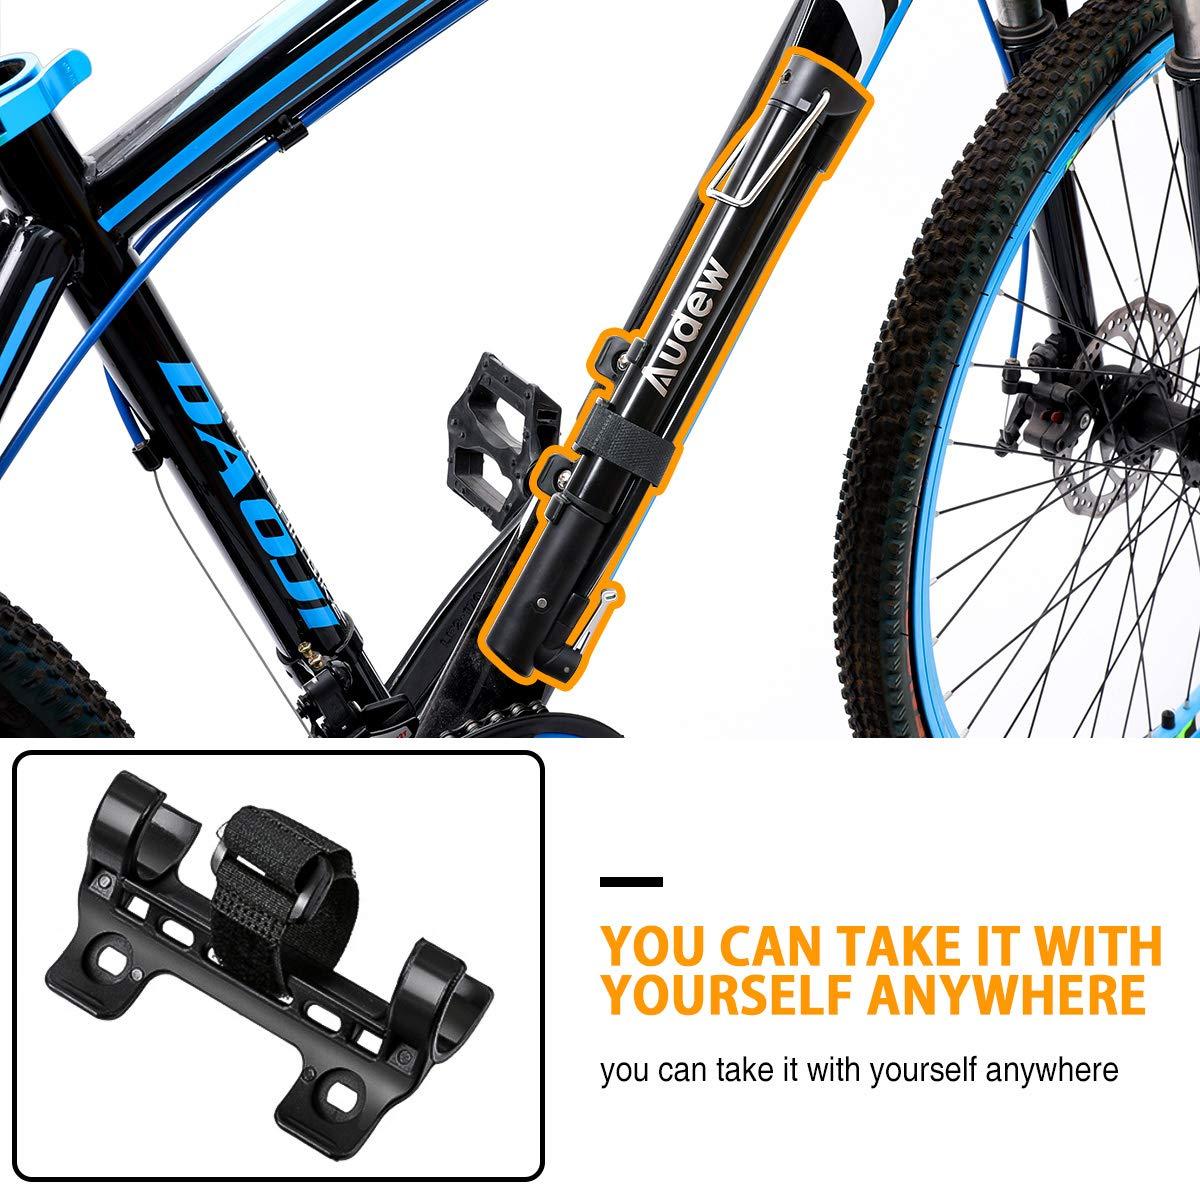 Audew Mini Bomba de Aire de Mano para Bicicleta 160PSI Cyclocross y Bicicletas H/íbridas Monta/ña V/álvula Presta y Schrader para Carretera BMX